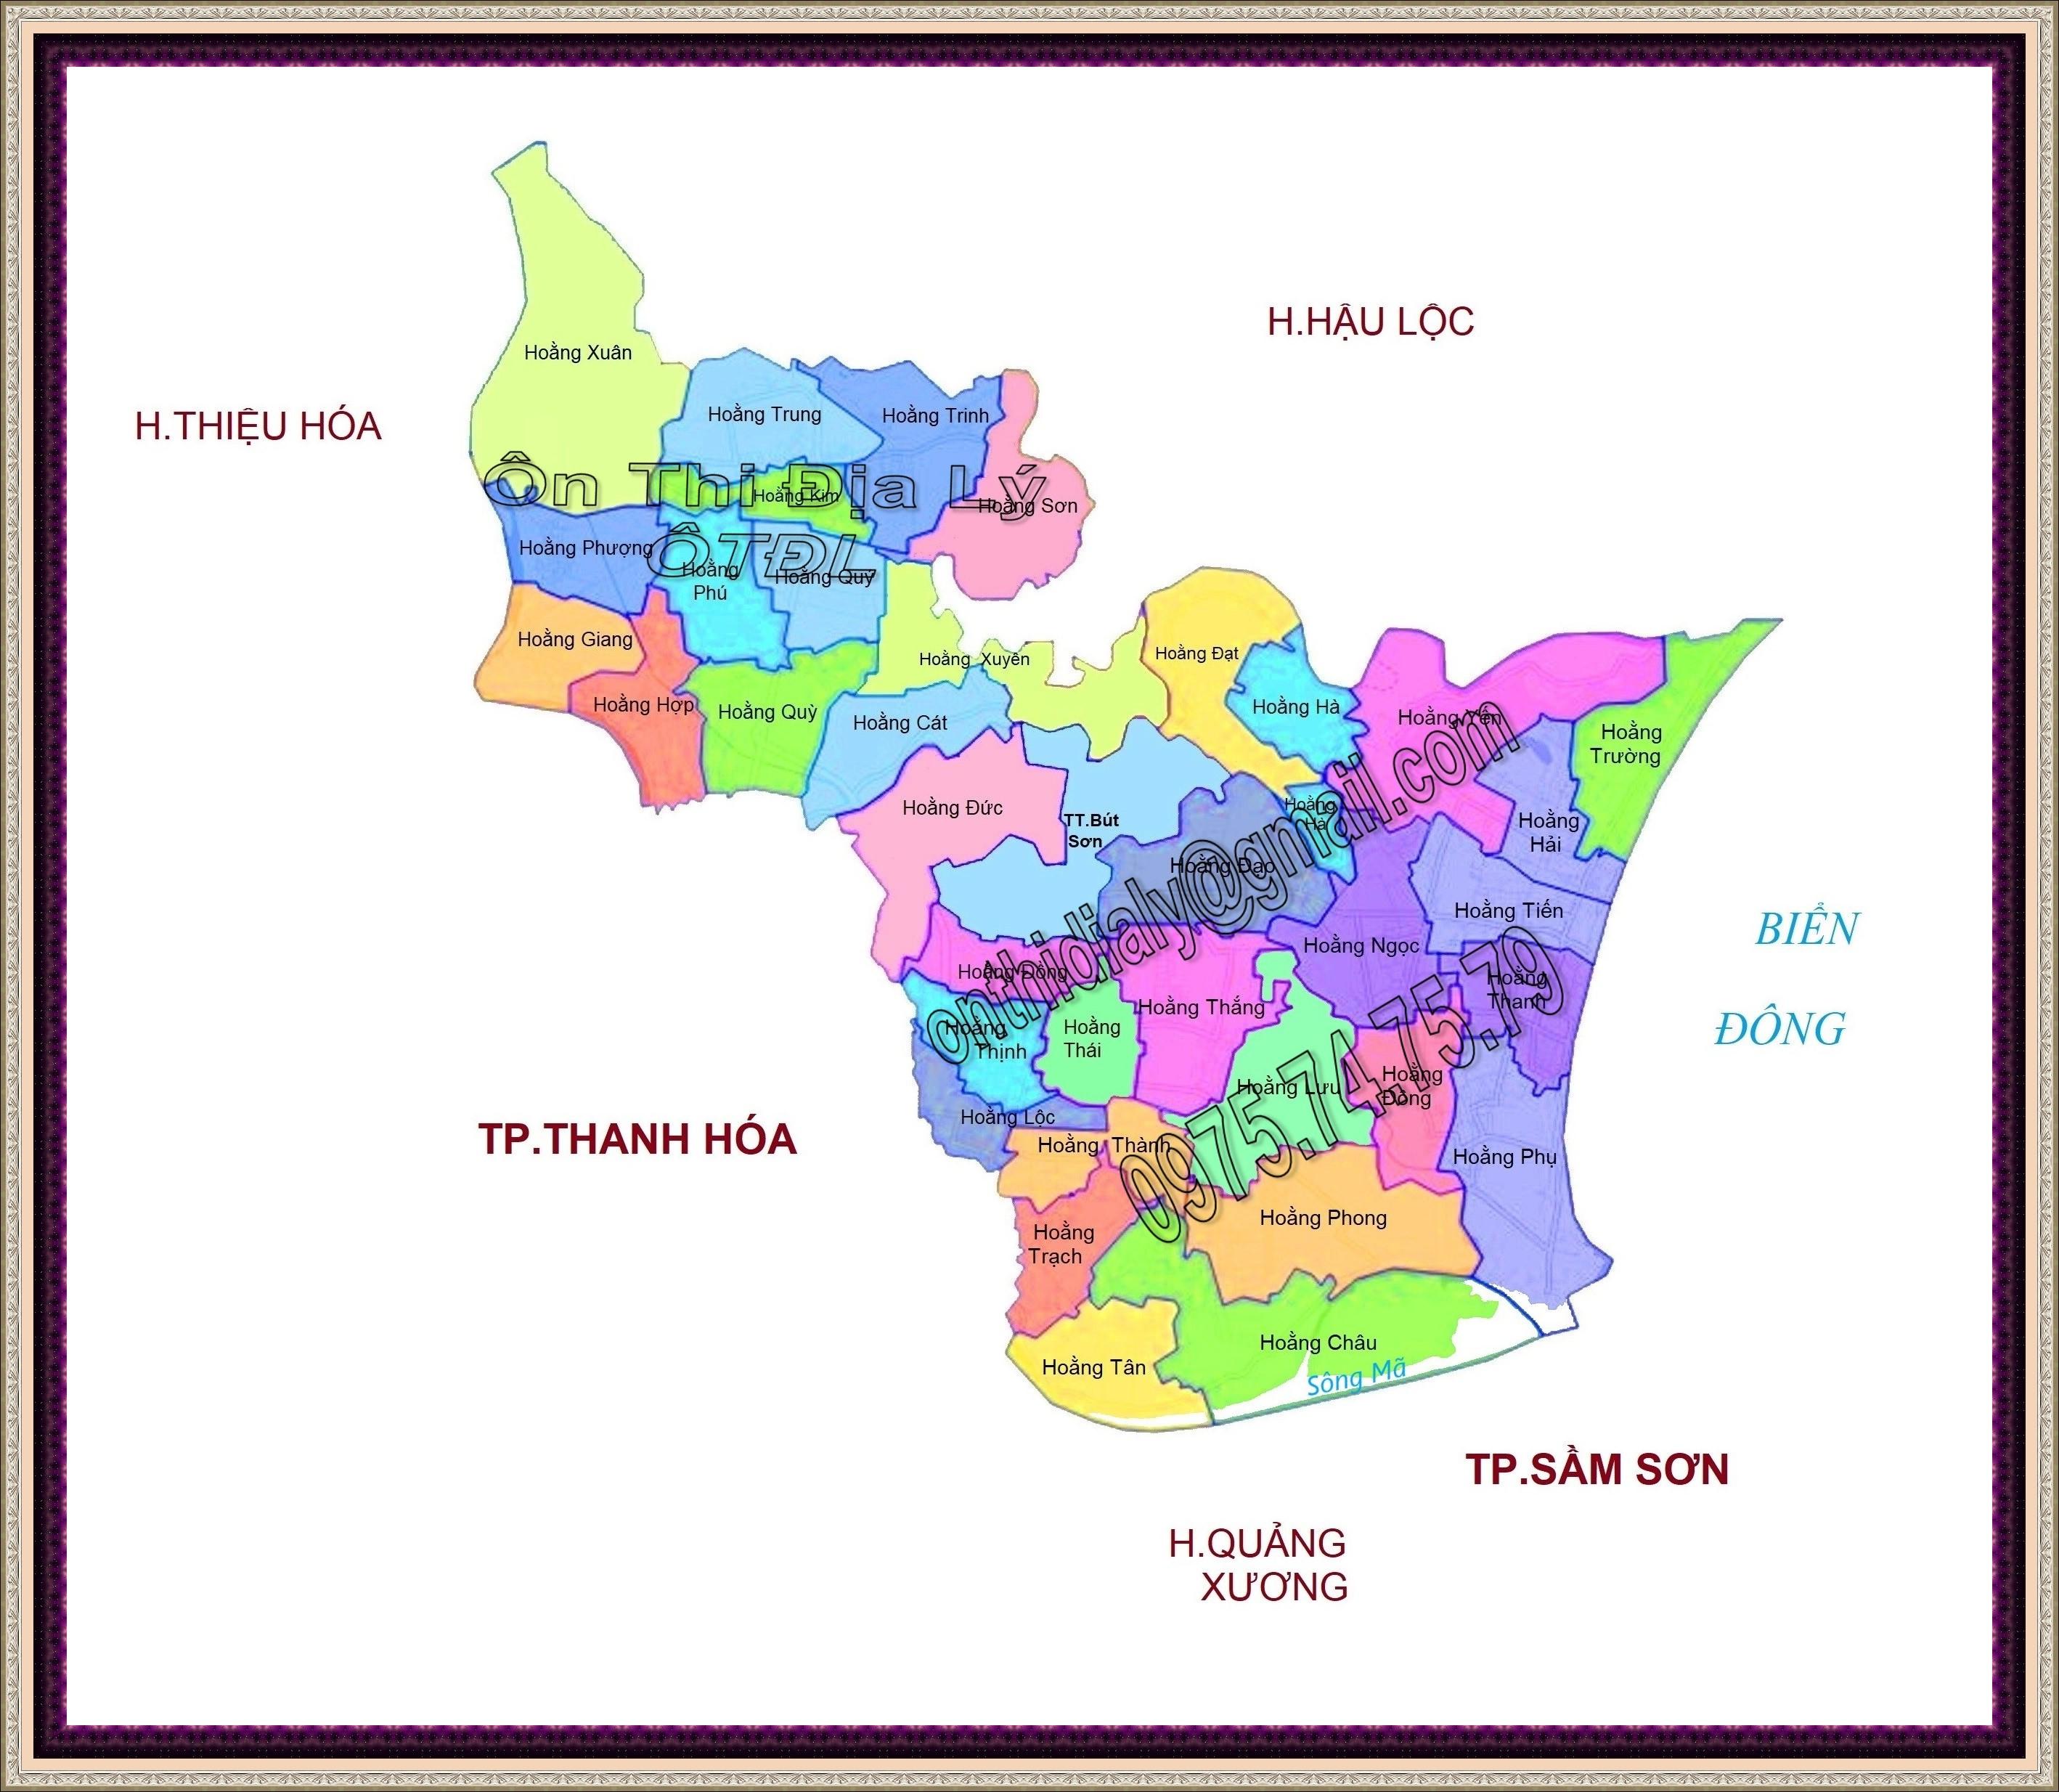 Bản đồ huyện Hoằng Hóa, tỉnh Thanh Hóa